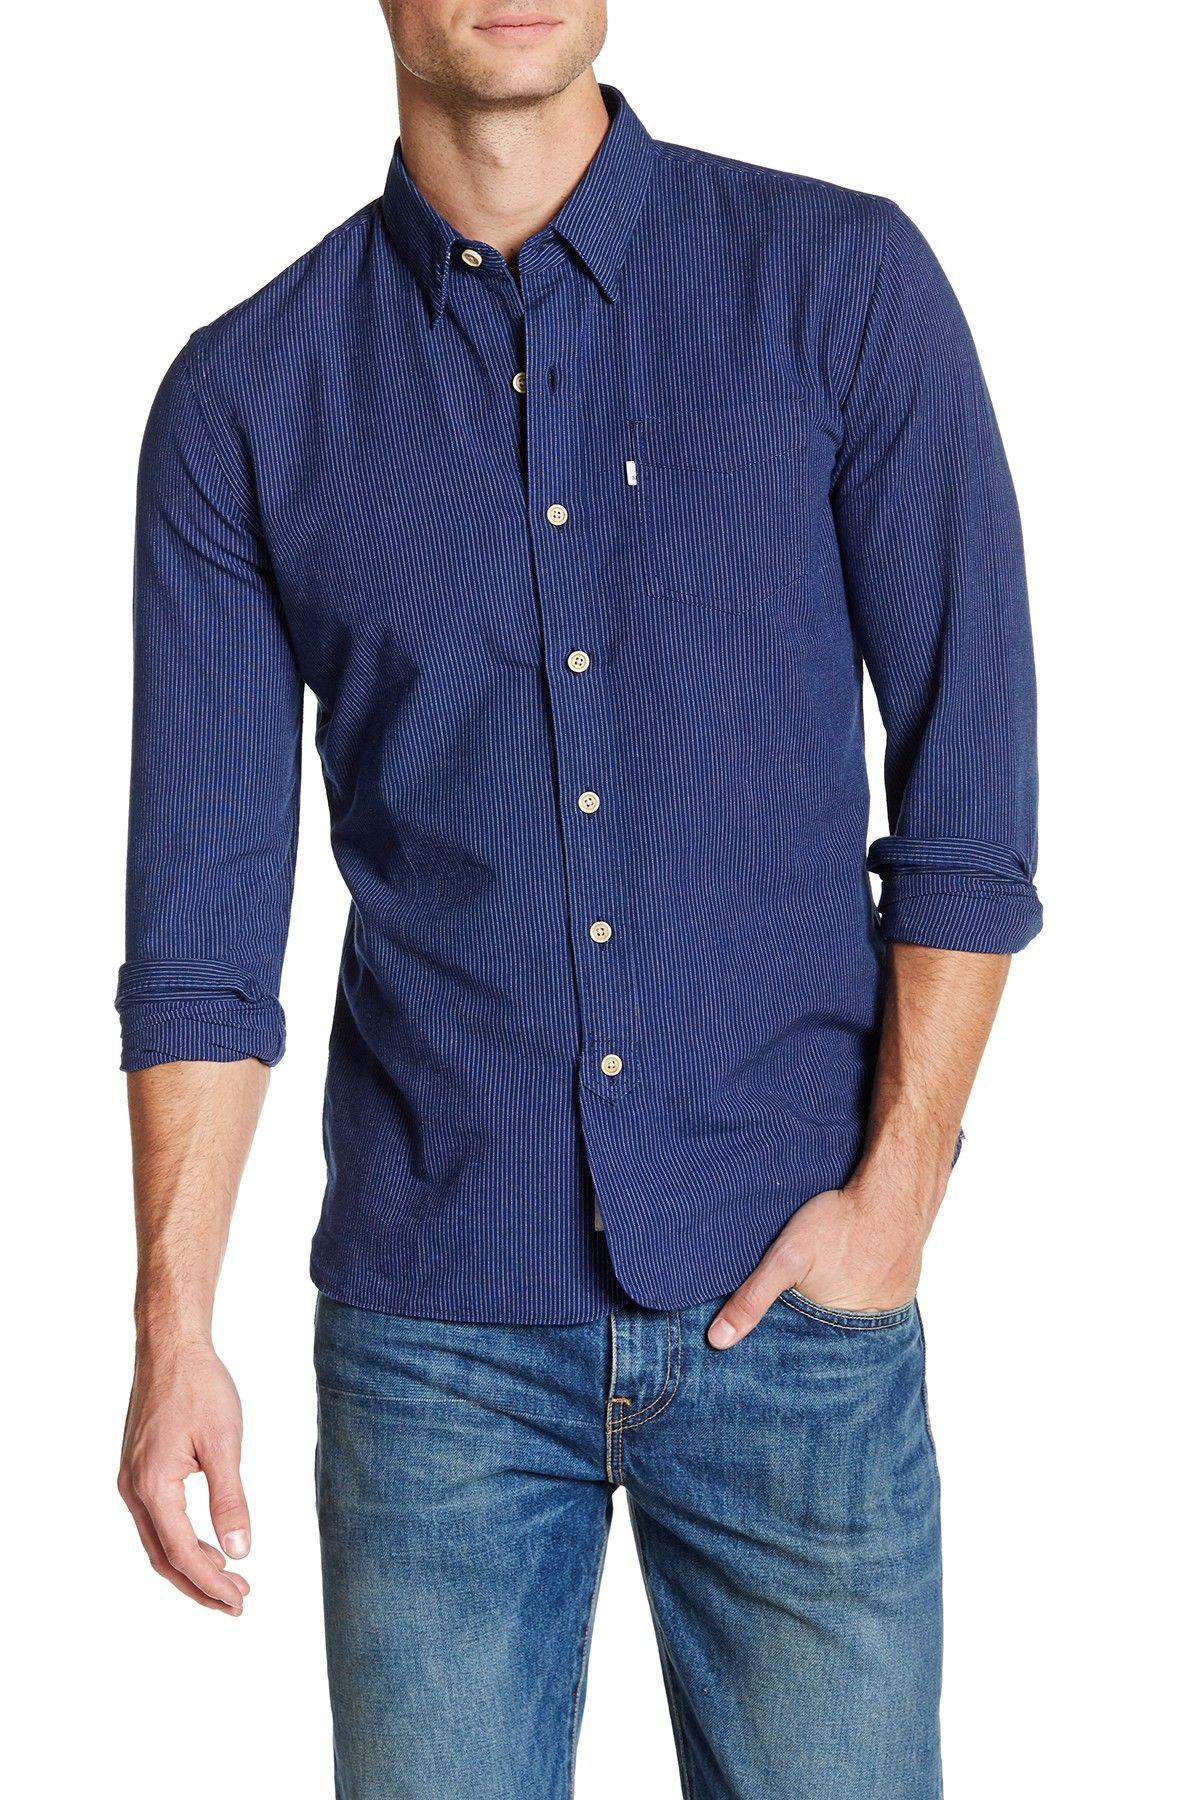 Selvedge Sunset Stripe Long Sleeve Shirt